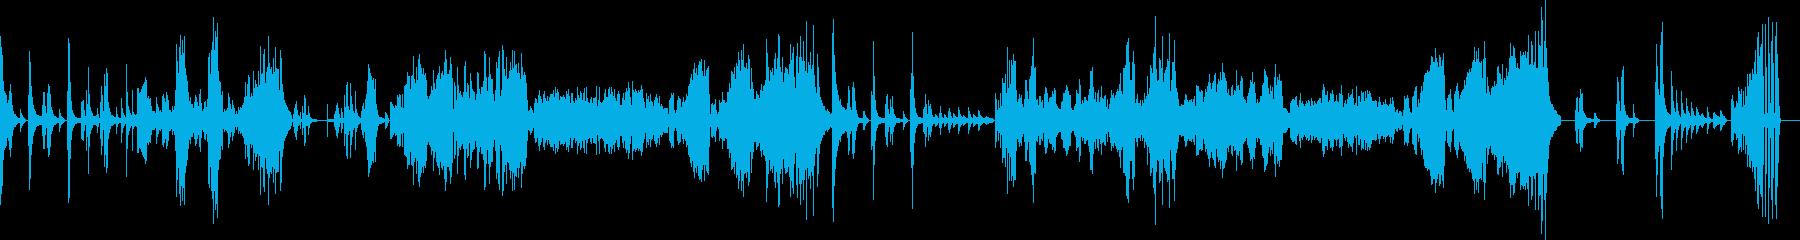 ベートーヴェンピアノソナタ悲愴第一楽章の再生済みの波形